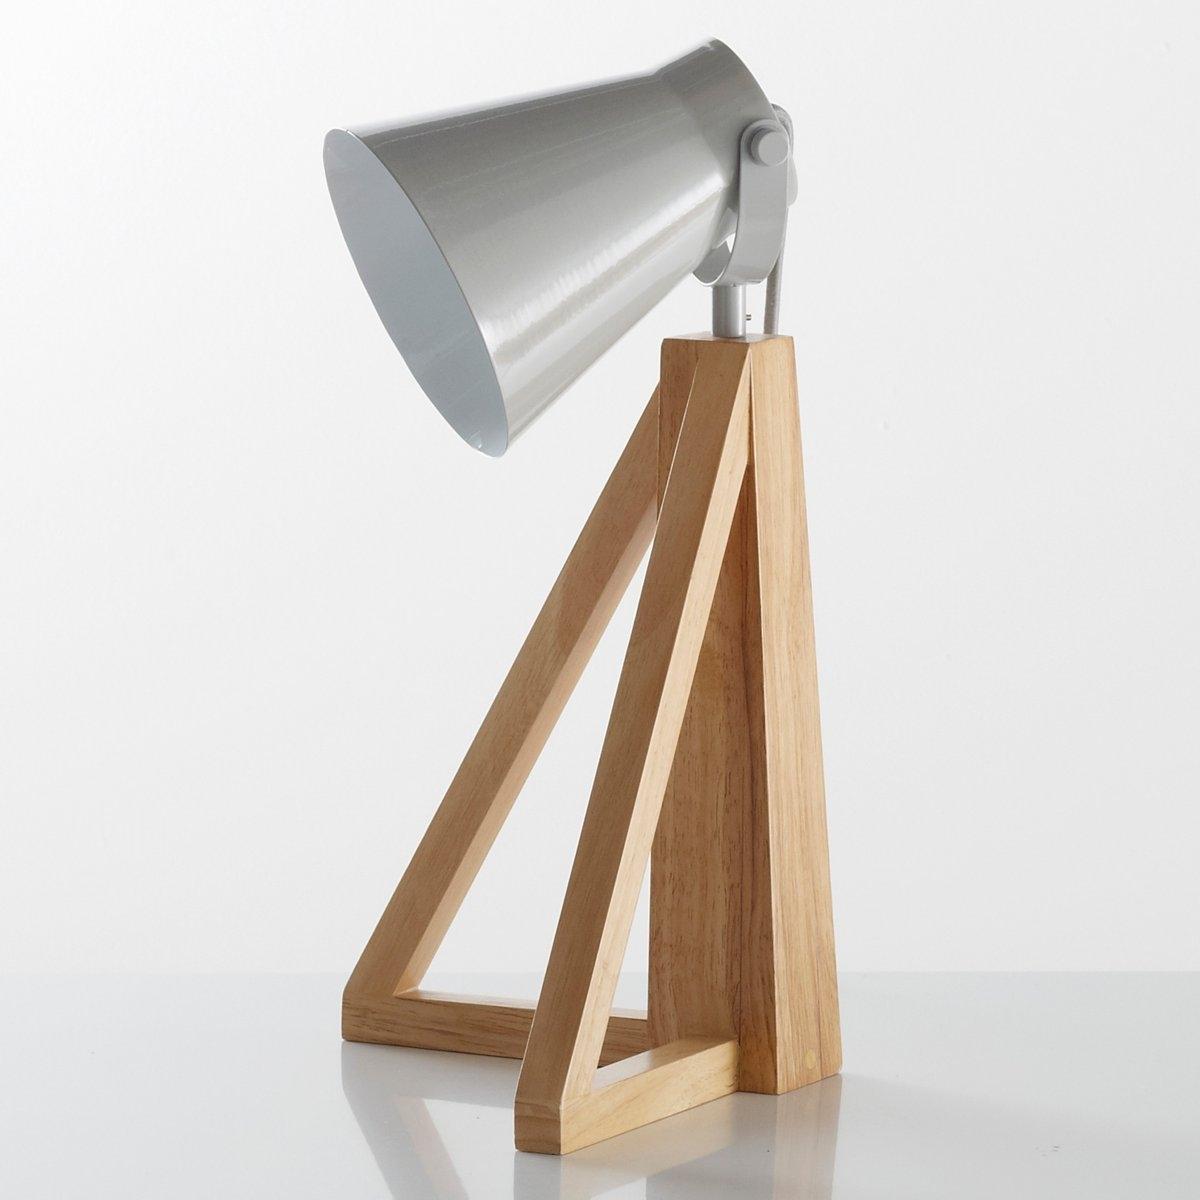 Лампа настольная, LidaОписание лампы, Lida :Патрон E14 для лампочки 11W (не входит в комплект)  Кабель из серого текстиля длина 1,95 м .Этот светильник совместим с лампочками    энергетического класса    : AХарактеристики лампы, Lida :Ножка из гельвеи.Абажур из металла с эпоксидным покрытием Всю коллекцию светильников вы можете найти на сайте laredoute..Размеры лампы, Lida :Диаметр : 27 смВысота : 43 см.<br><br>Цвет: серый,синий,черный<br>Размер: единый размер